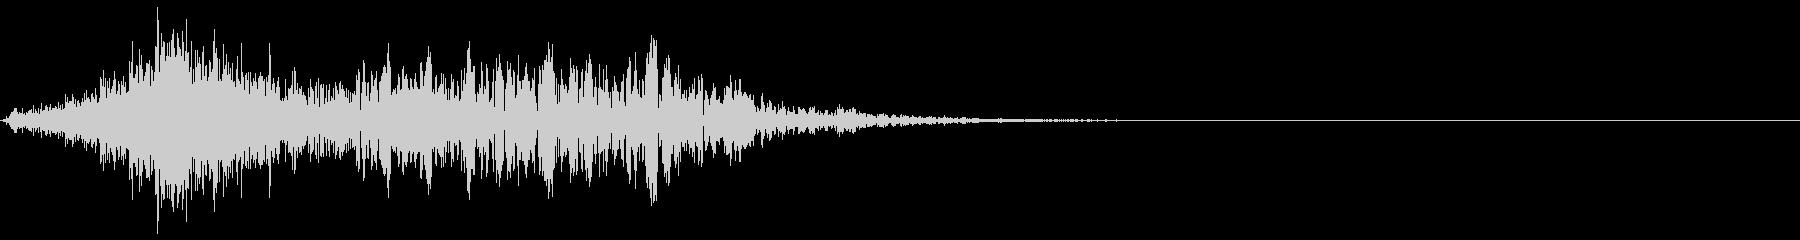 シューッという音EC07_85_3の未再生の波形